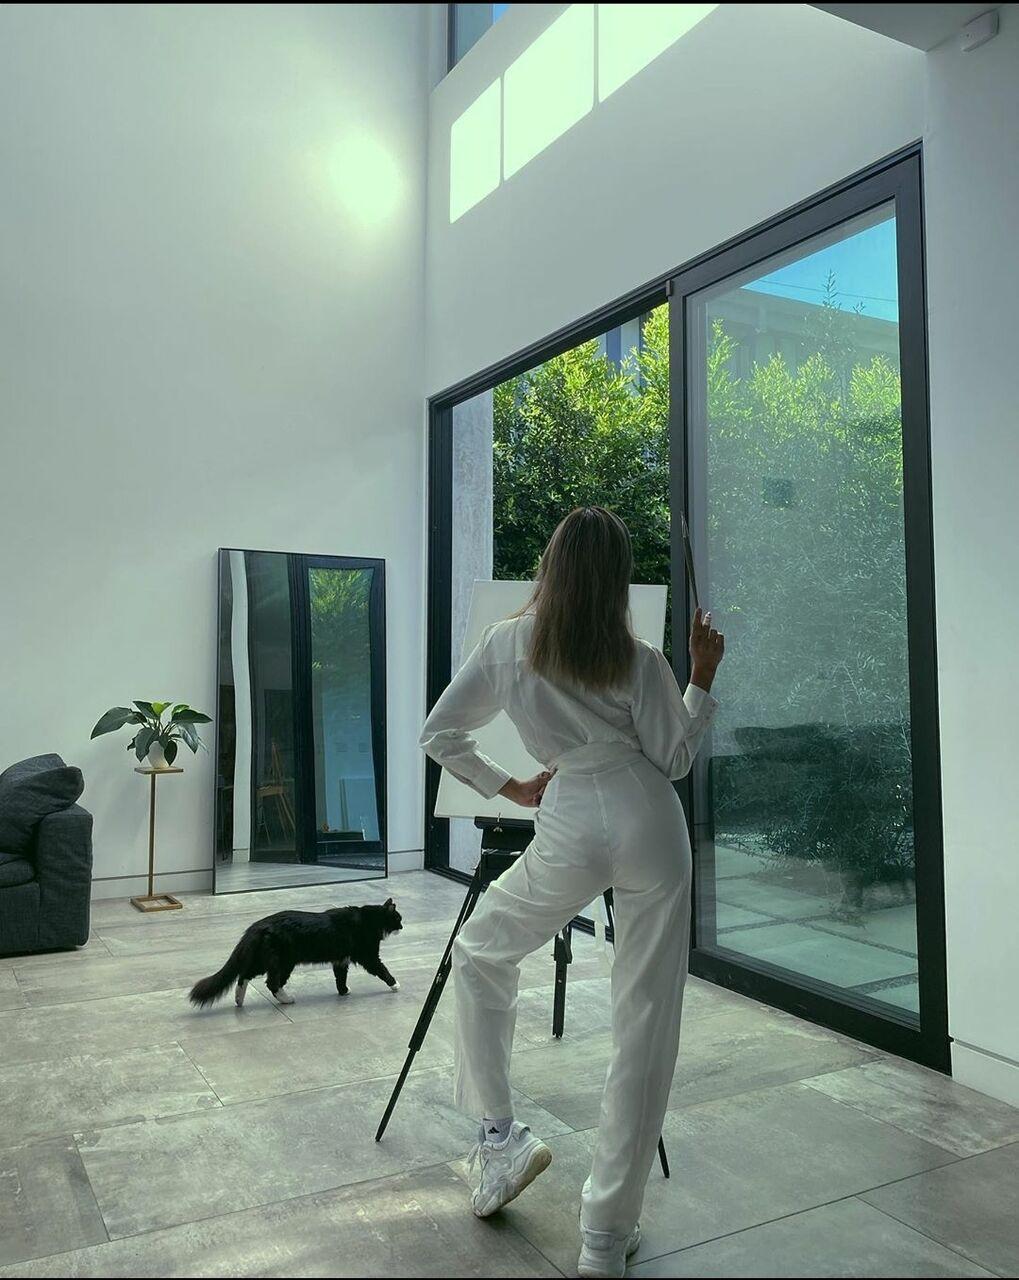 【悲報】ローラの家、でかすぎるwwwwwwwwwwwwwwwwwwwwwwwwwwwwwwwwwwwwwwwwwwwww